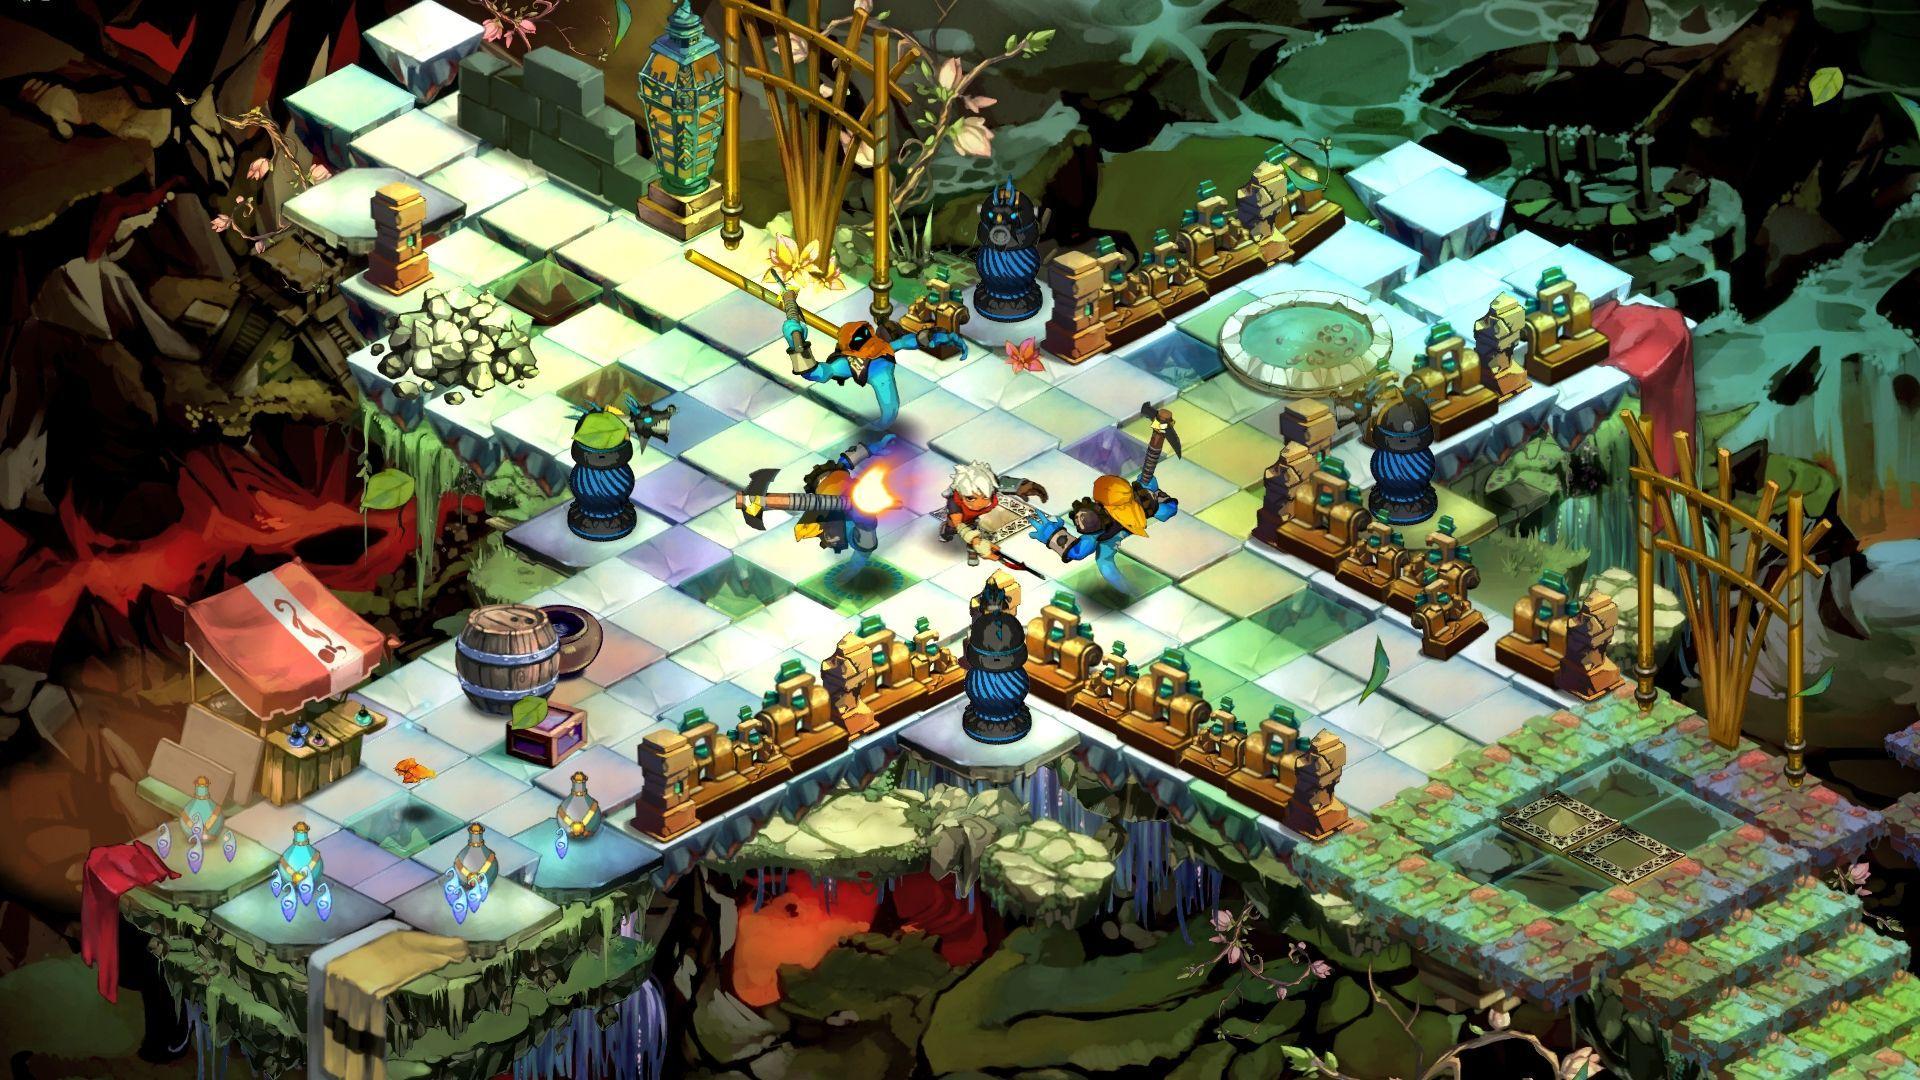 حصريا اللعبة الرائعة والخفيفة المنتظرة Bastion 2011 بكراك